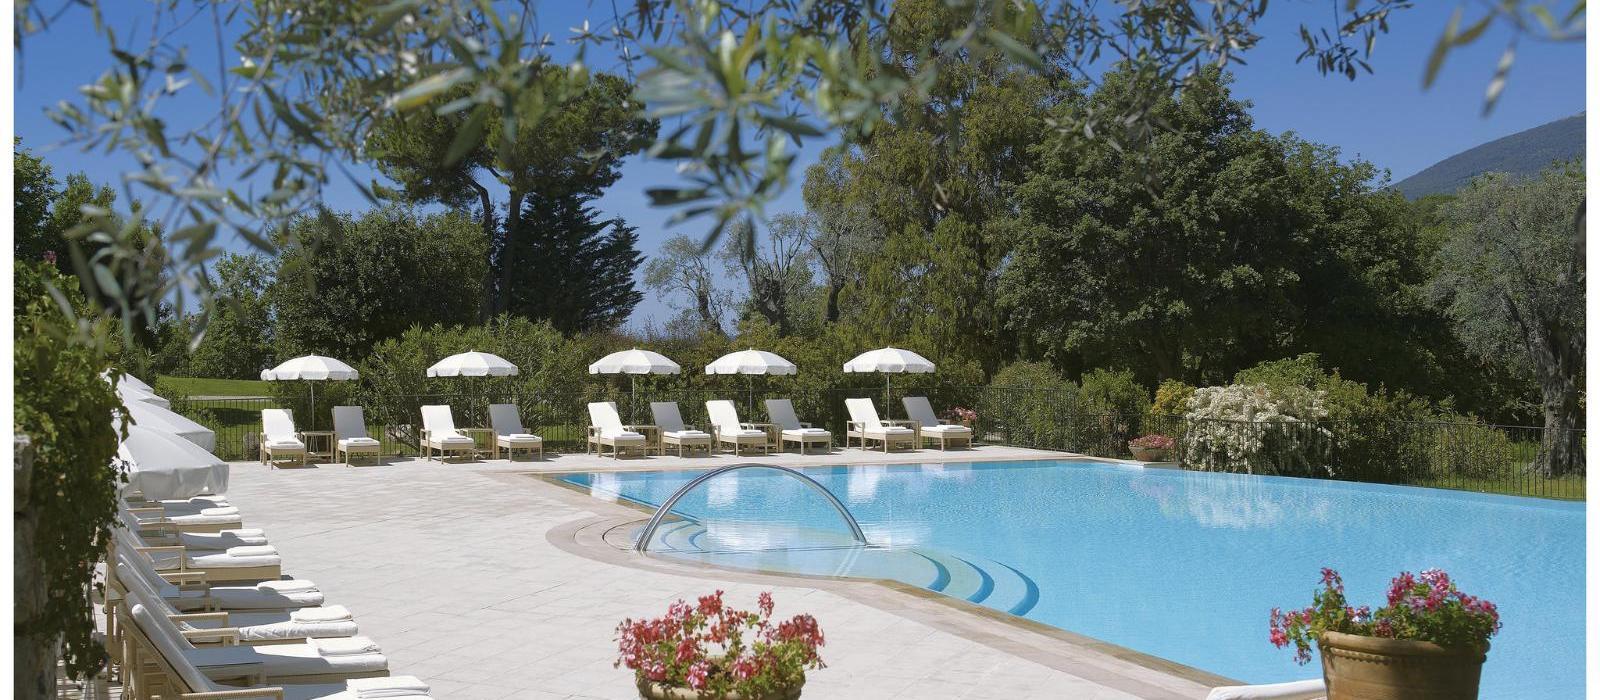 圣马丁庄园水疗度假酒店 - 欧特家酒店集团(Chateau Saint-Martin & Spa, Oetker Collection) 图片  www.lhw.cn